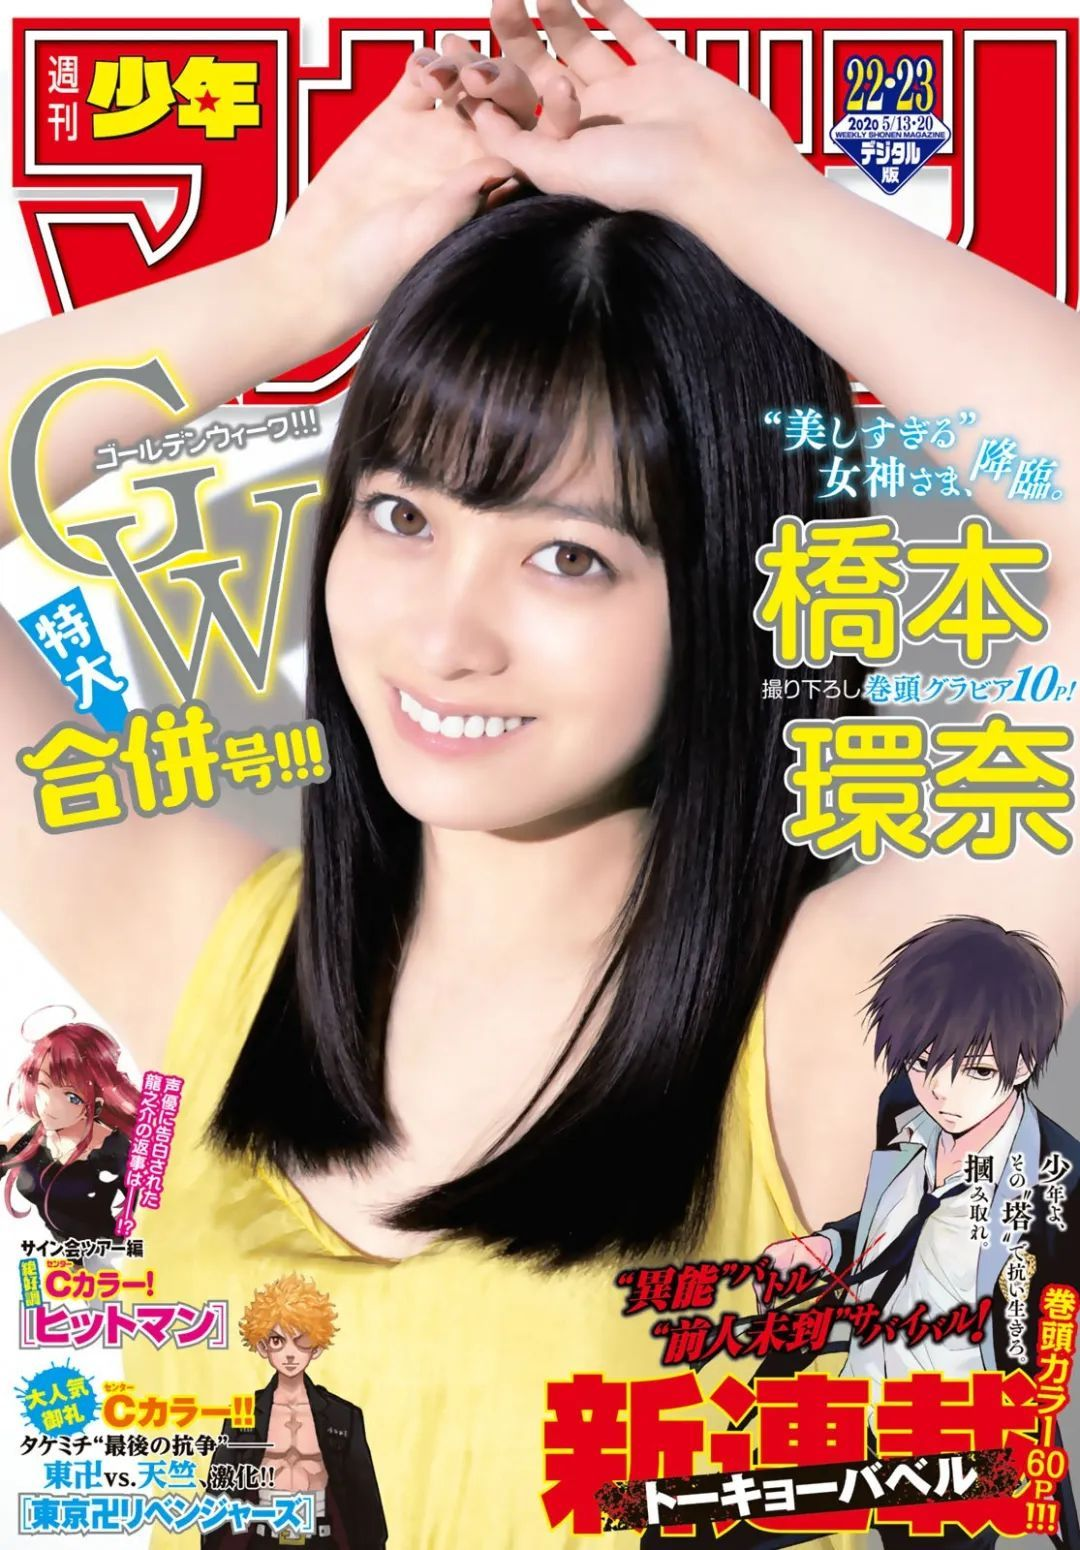 桥本环奈《周刊少年Jump》,气质美少女!_图片 No.1